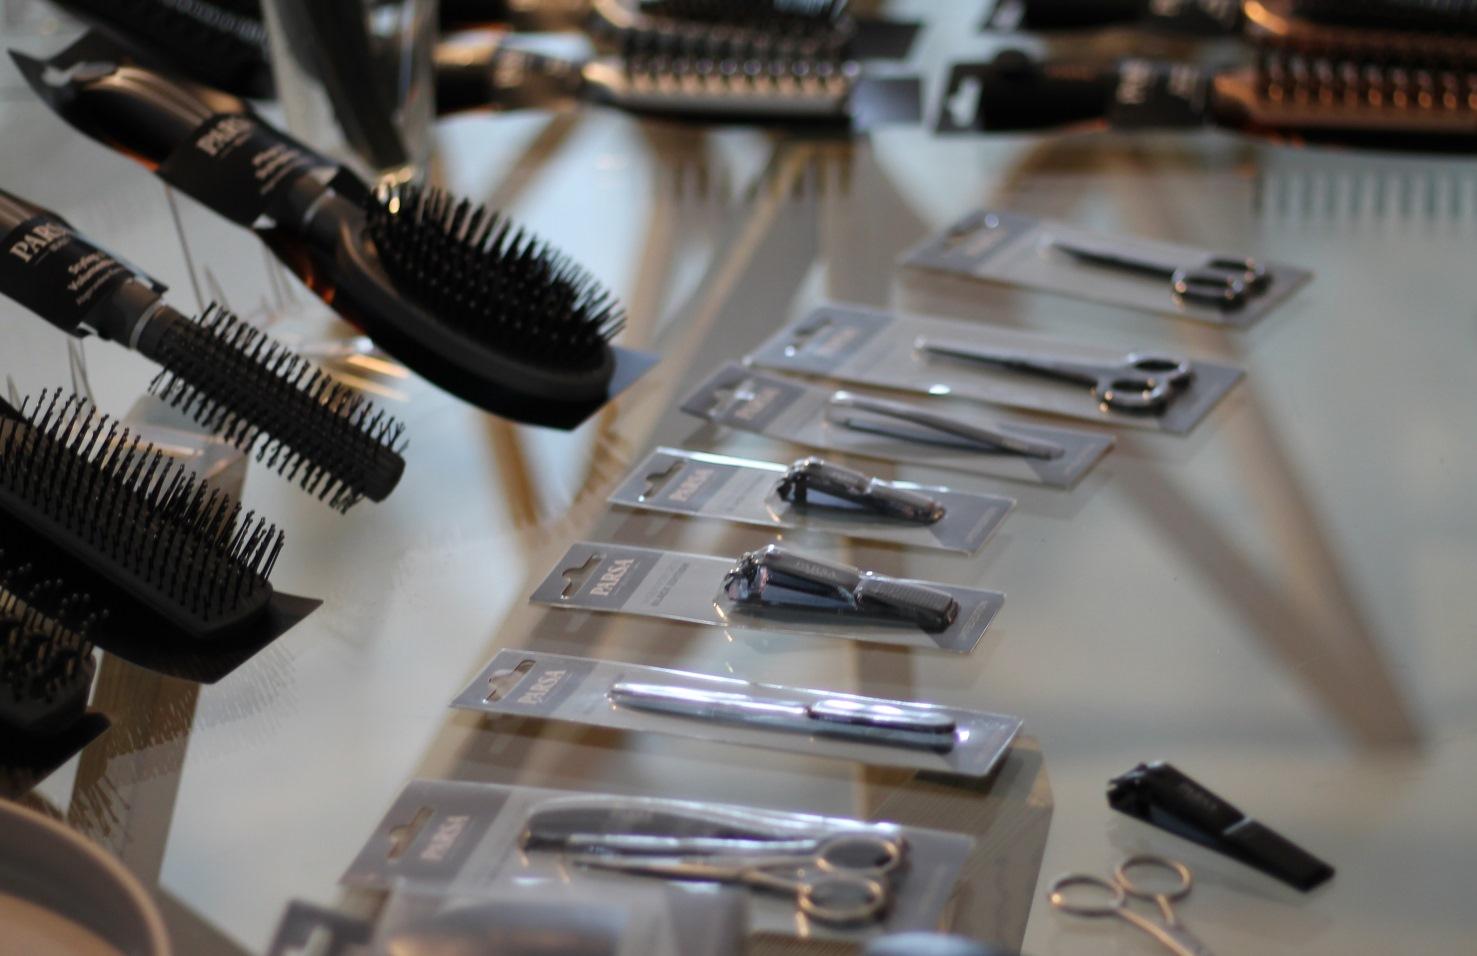 parsa tools fuer pedikuere und manikuere